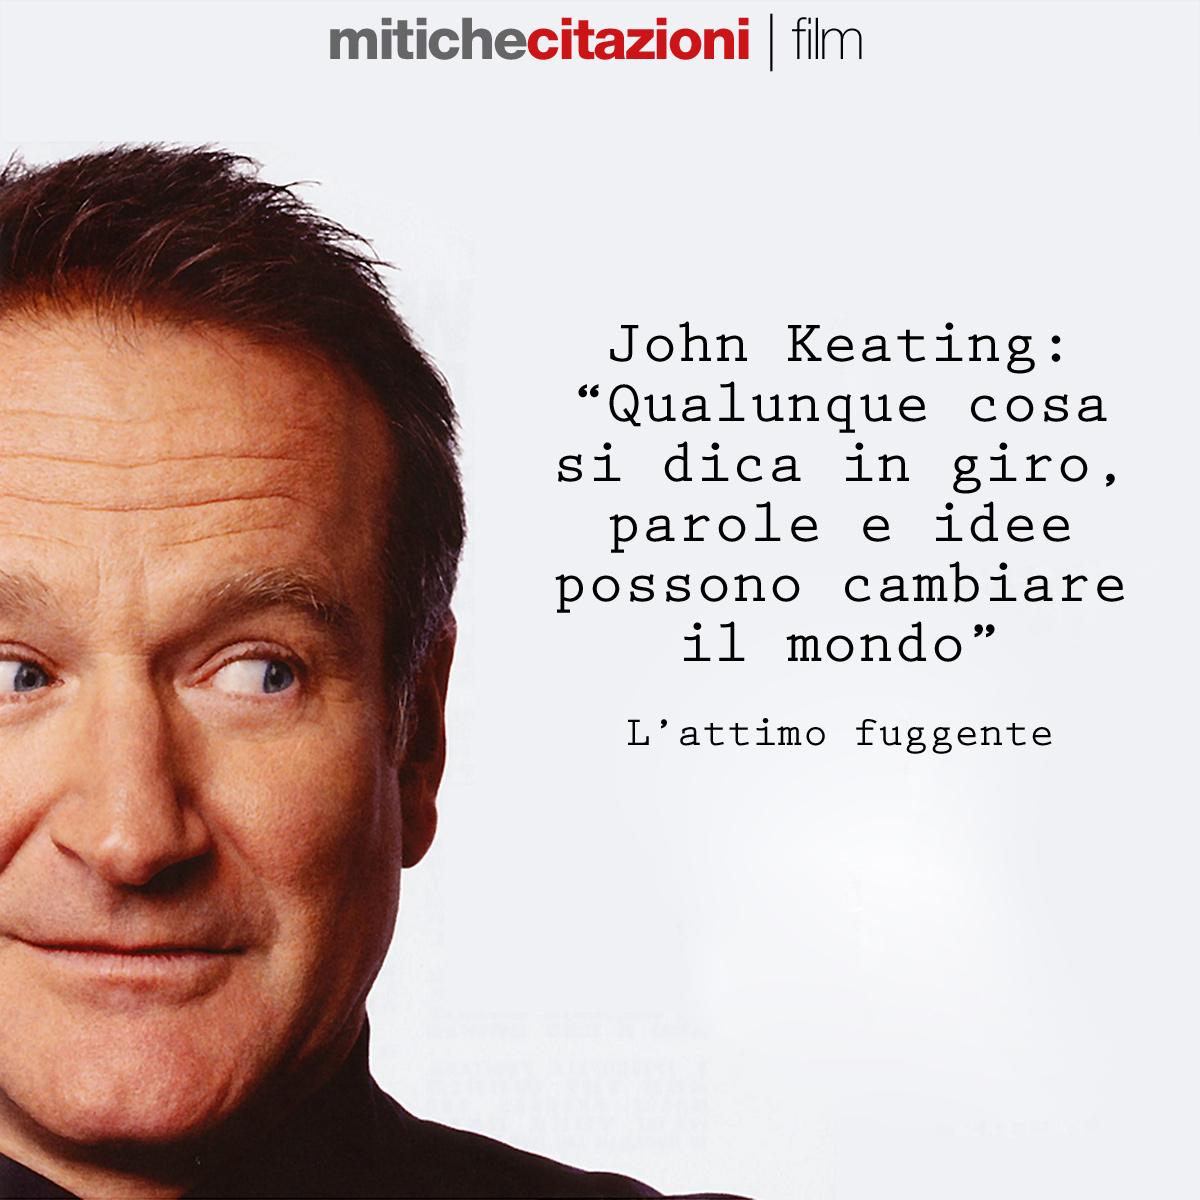 John Keating Da L Attimo Fuggente Mitiche Citazioni